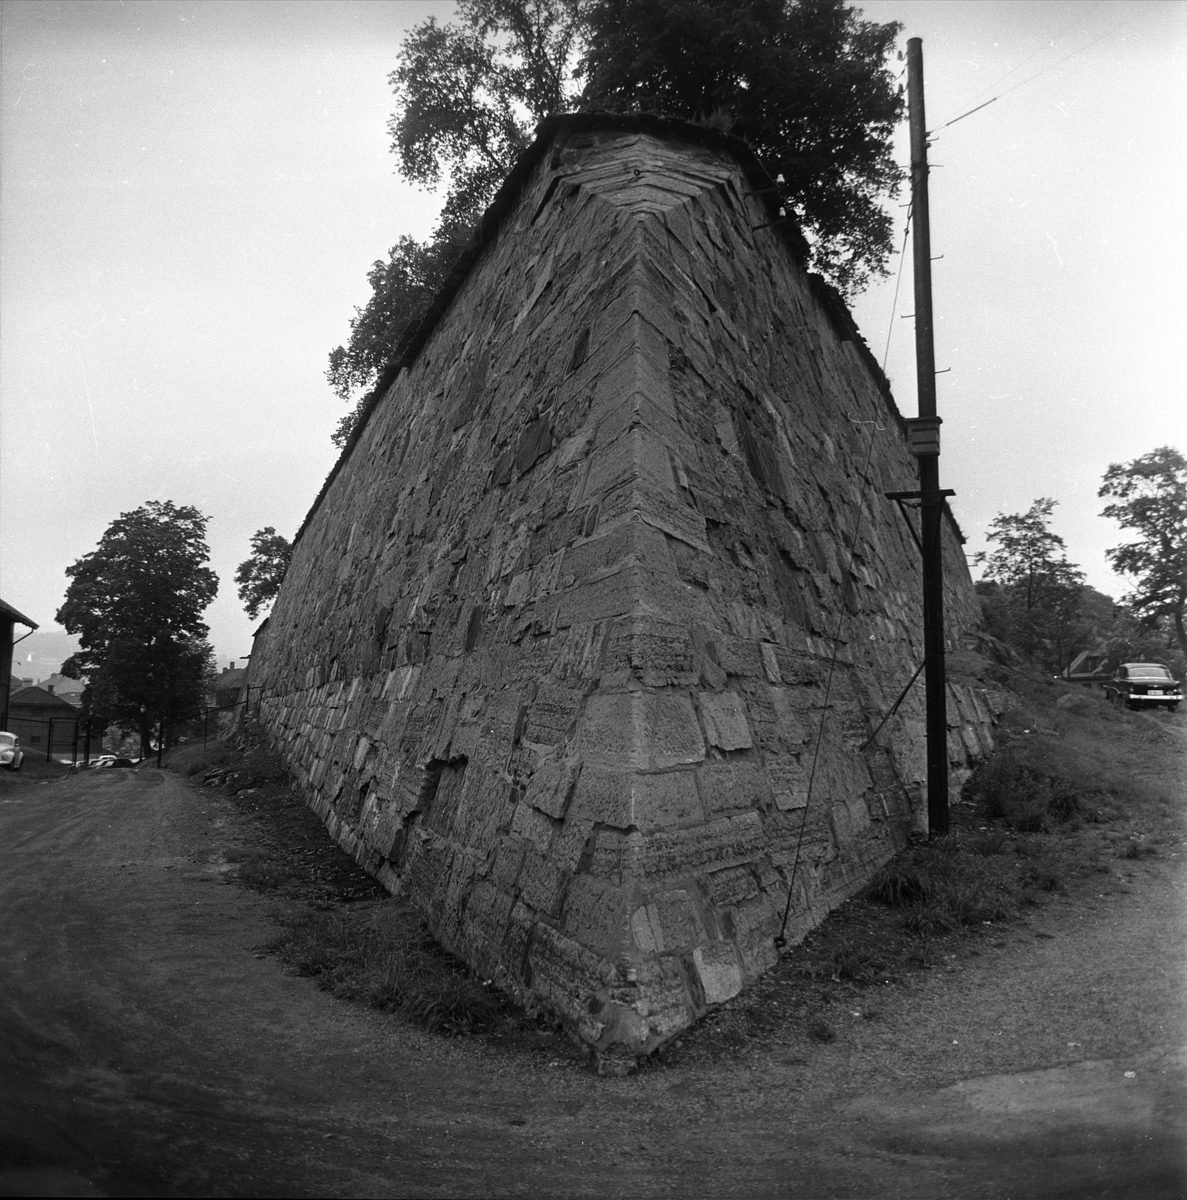 Akershus slott og festning, Oslo, august 1964. Park og mur.